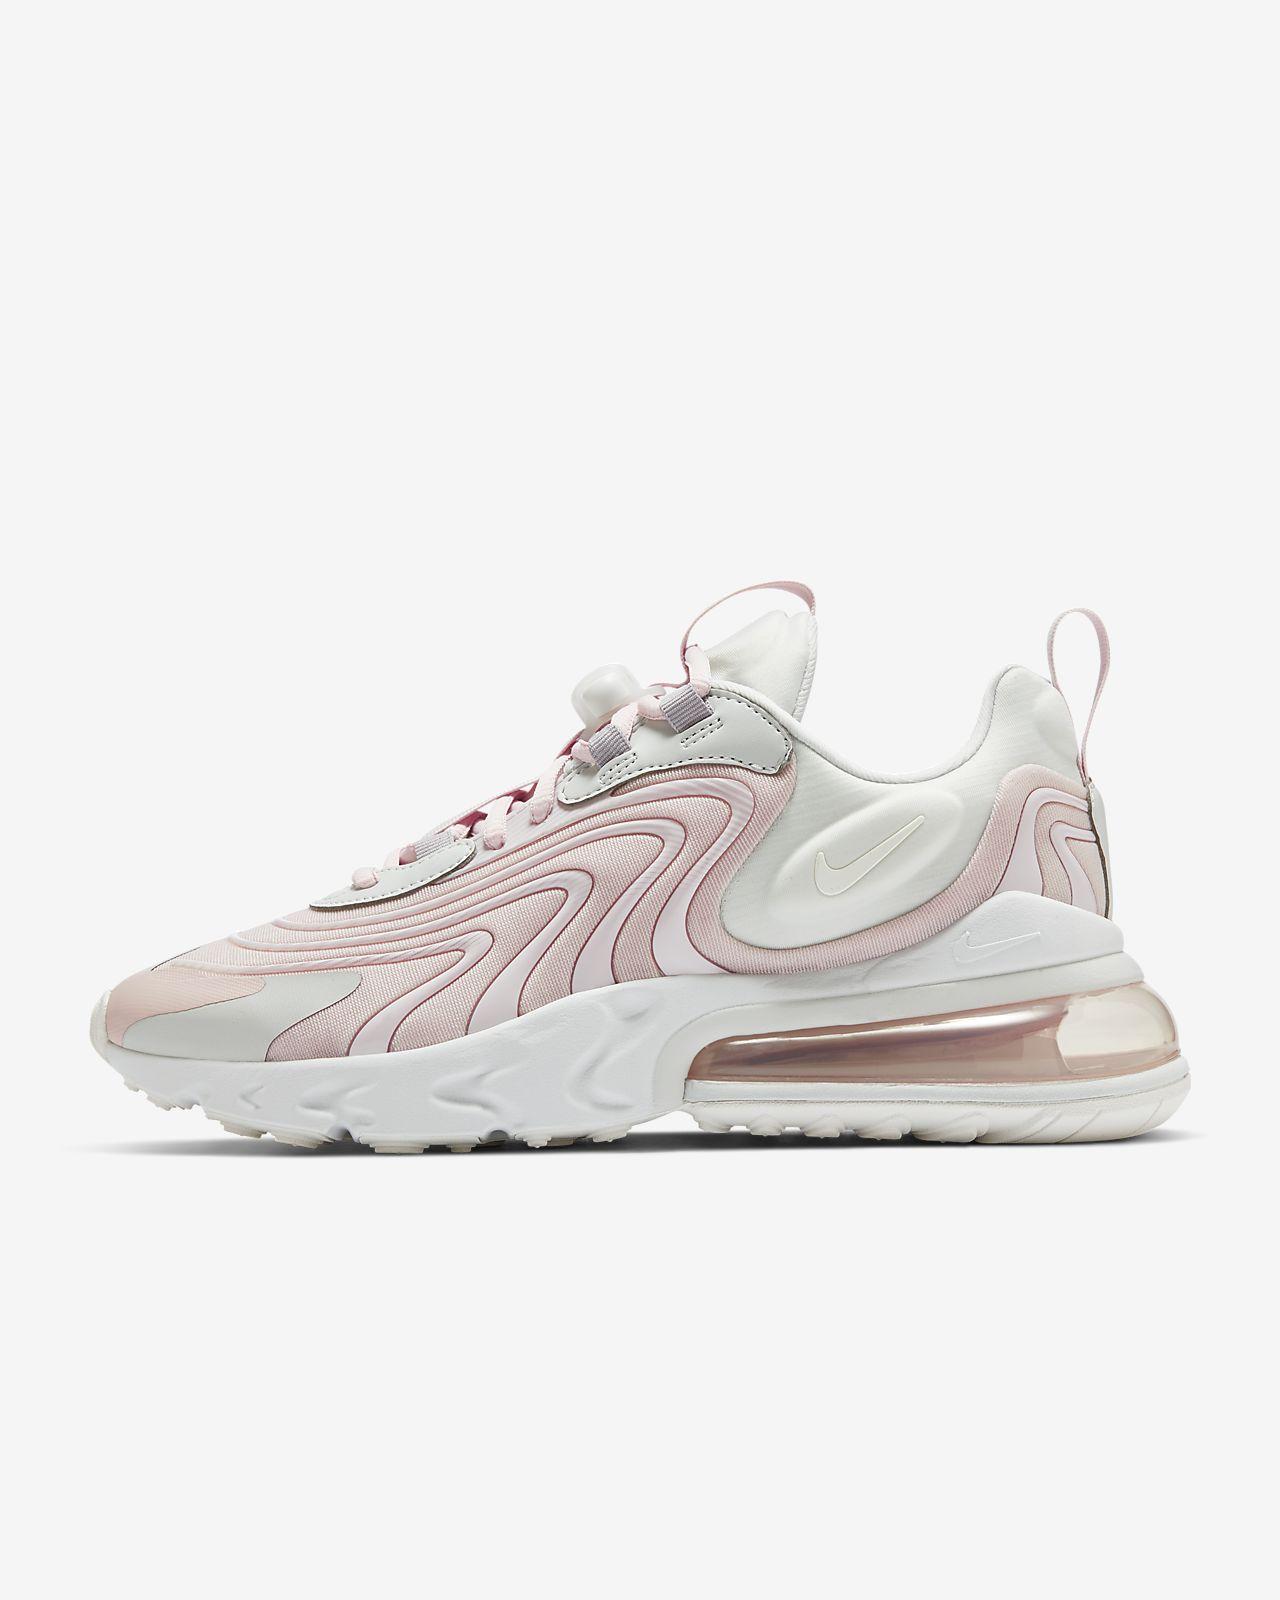 Dámská bota Nike Air Max 270 React ENG